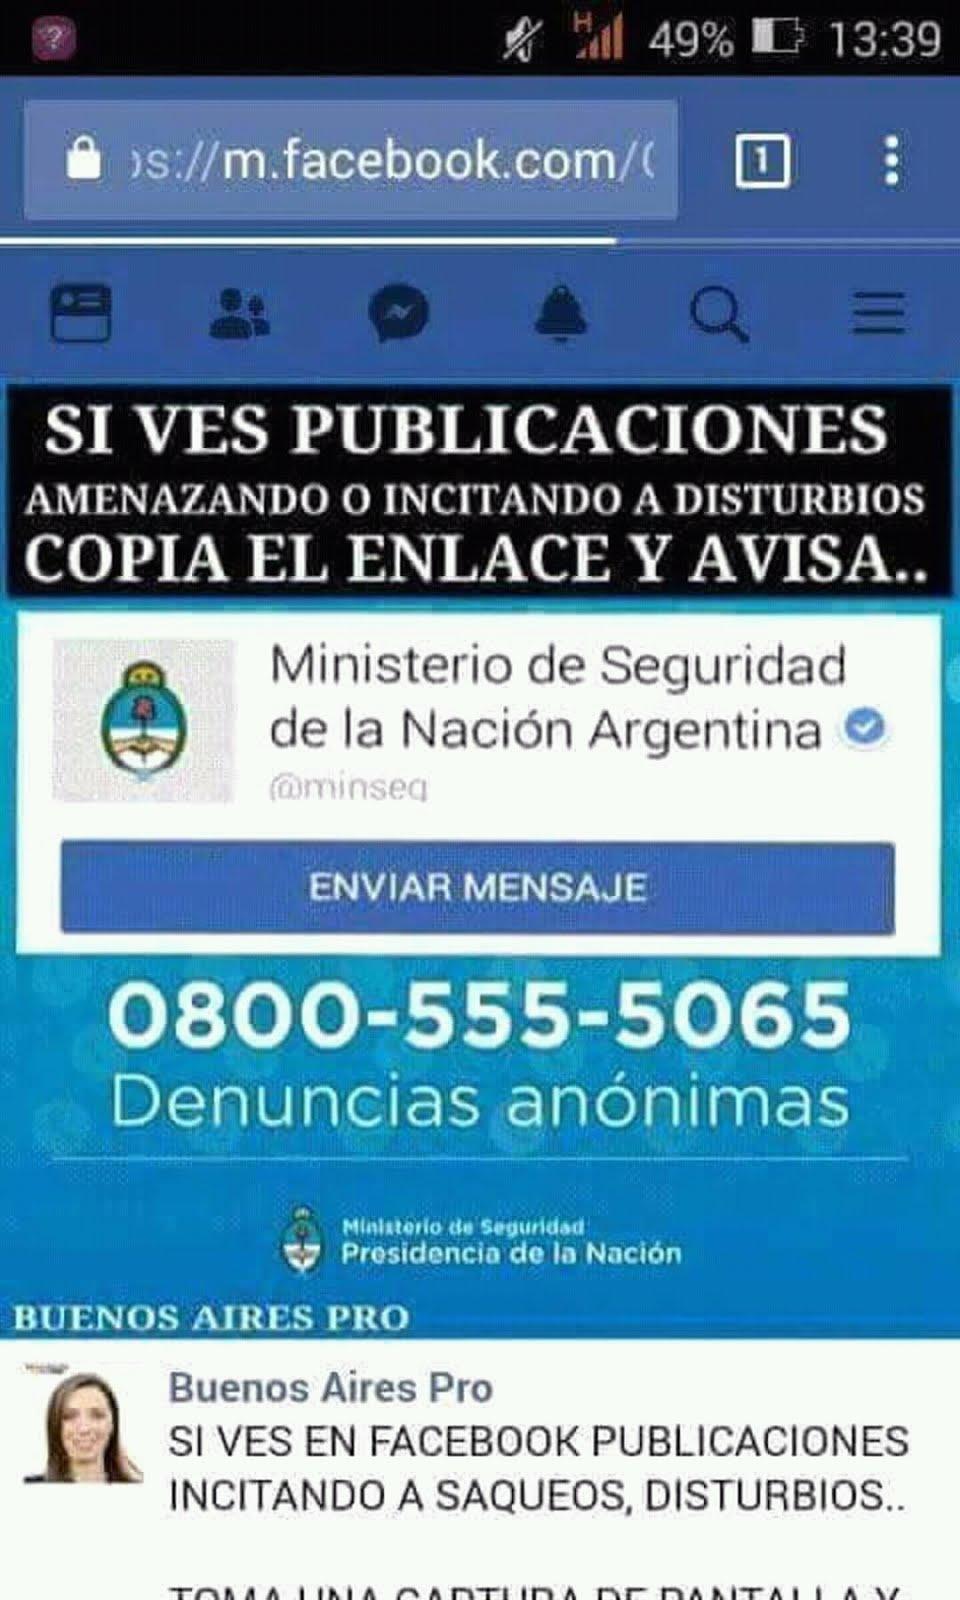 ¡¡ATENCIÓN!!